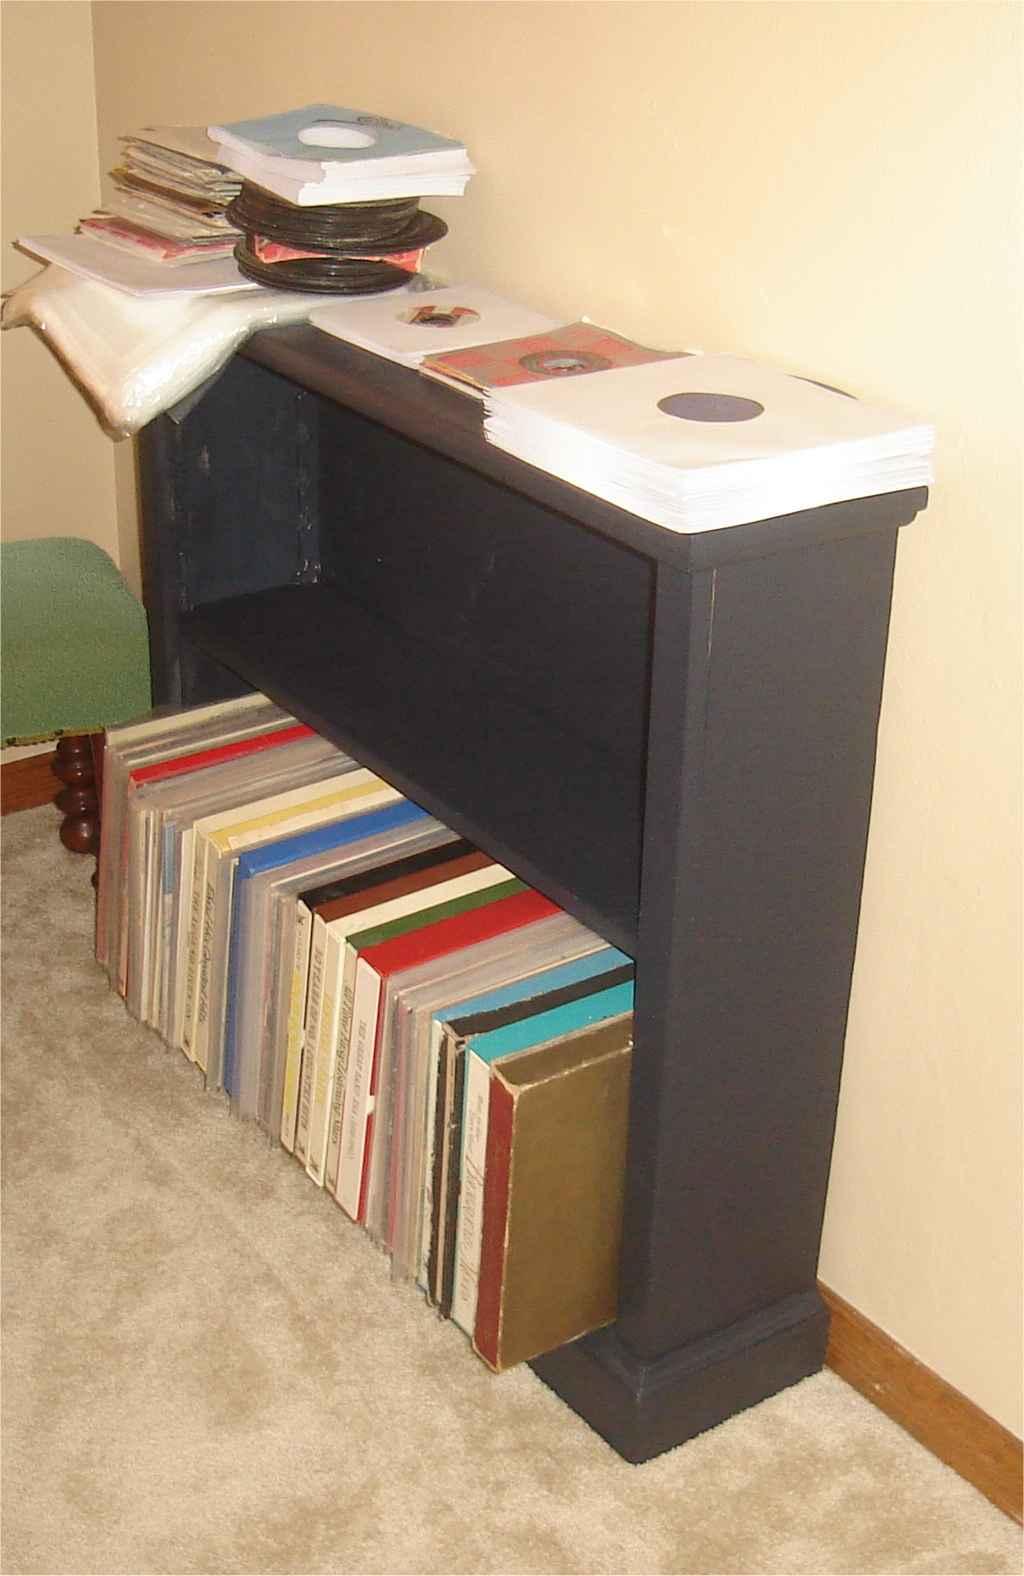 The long awaited bookshelf